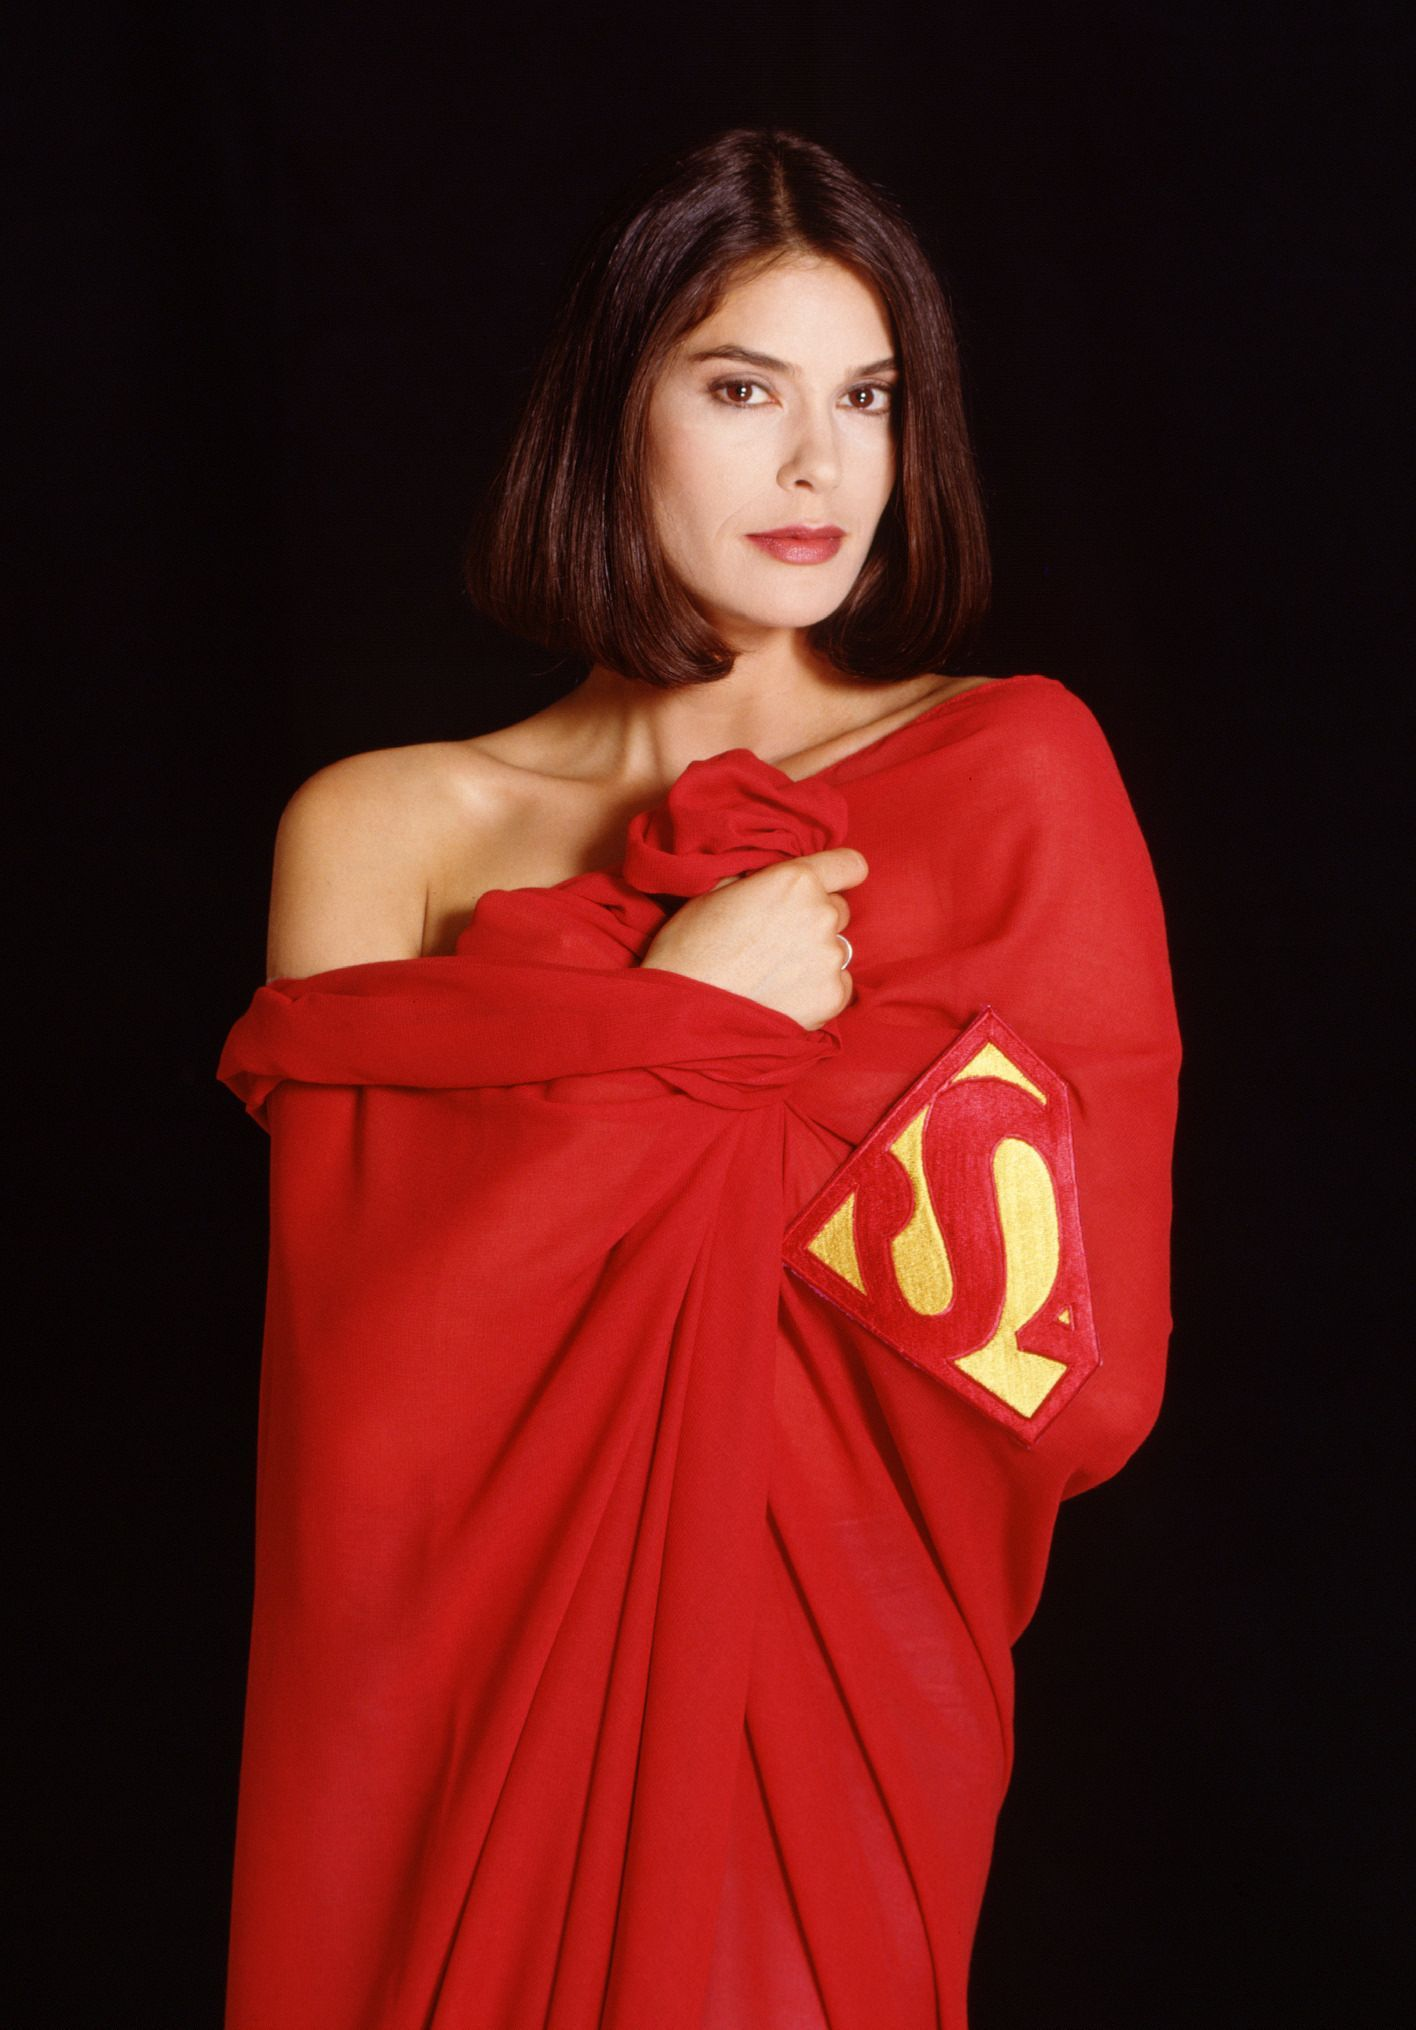 Емблематичната снимка на Тери от 90-те с наметалото на Супермен